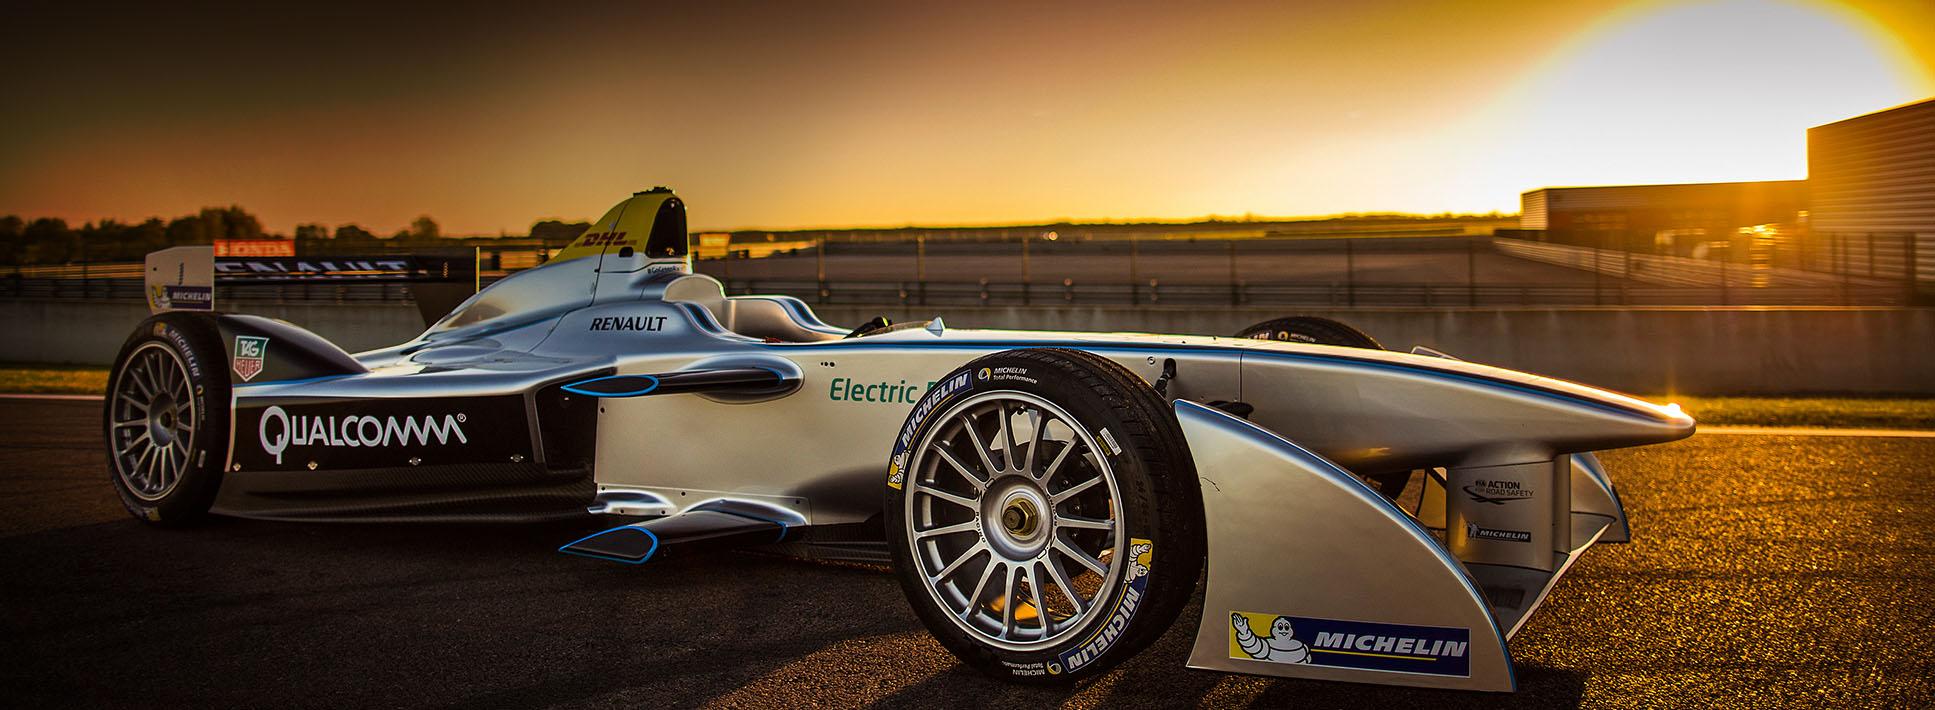 Formula E baterías Williams